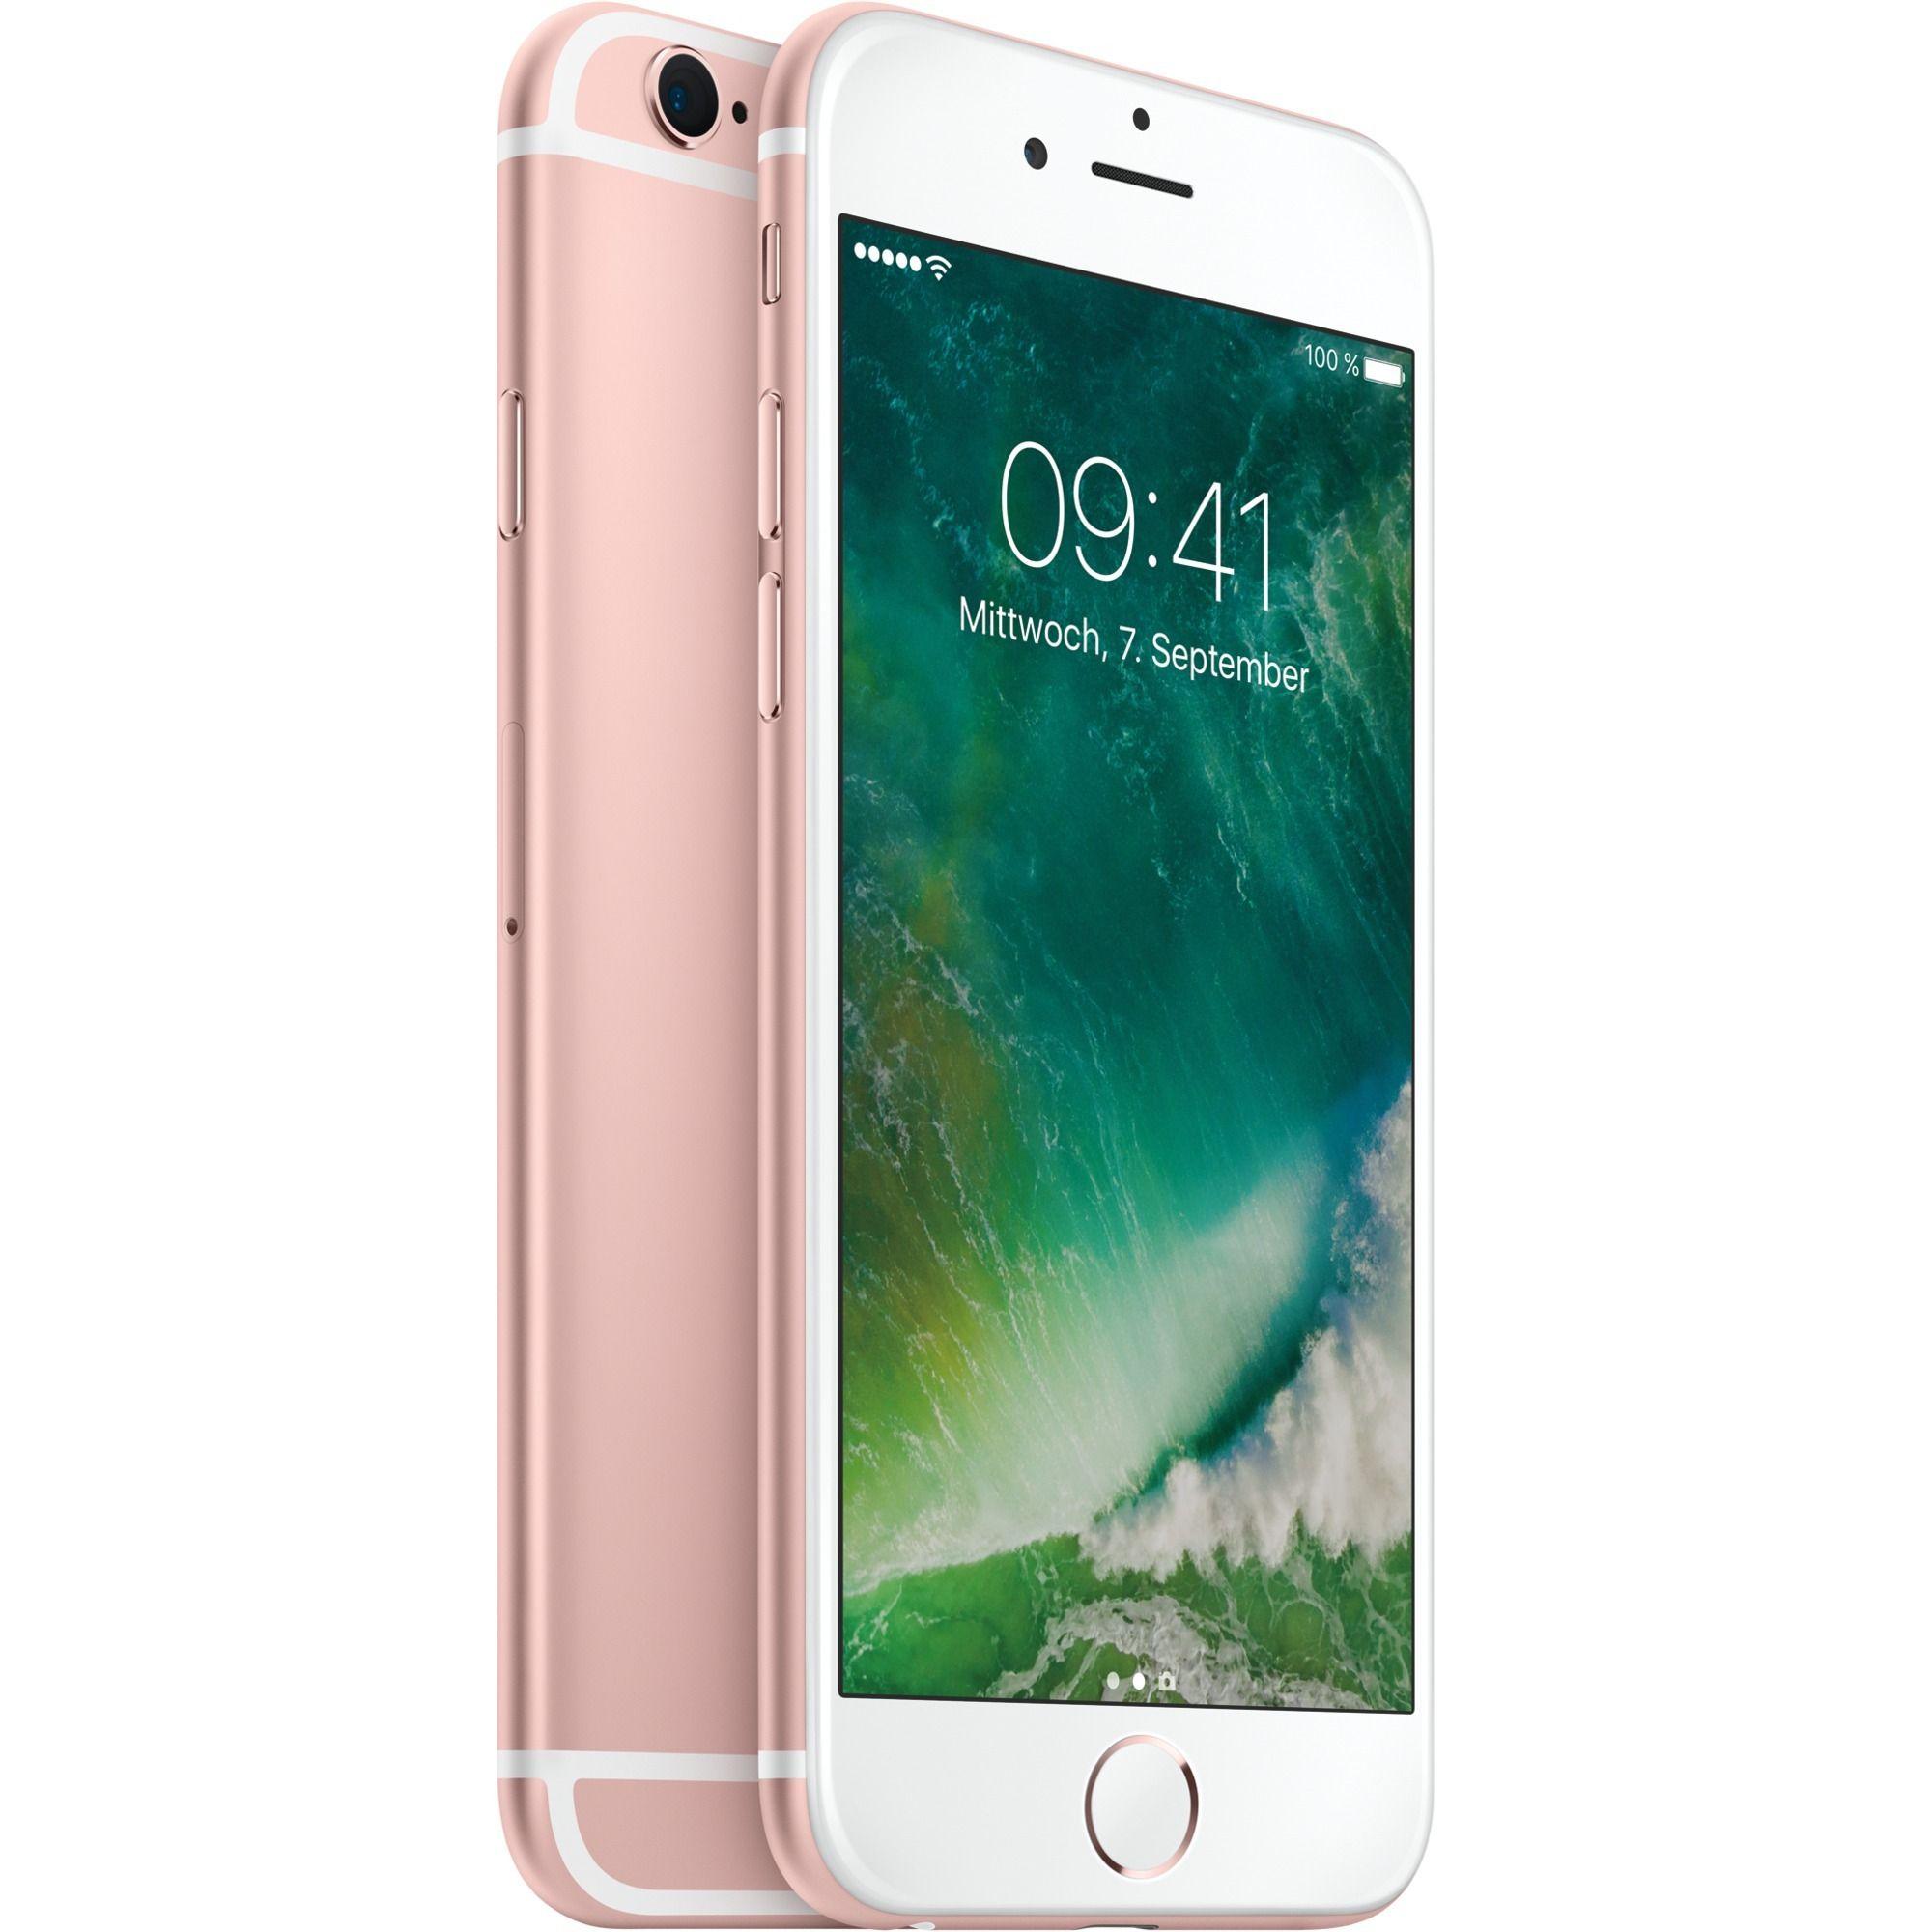 Das Apple Iphone 6s Ist Die Naturliche Evolution Zum Bisher Besten Iphone Das Apple Auf Den Markt Gebracht Hat Mit Ei Apple Iphone 6s Plus Apple Iphone Iphone